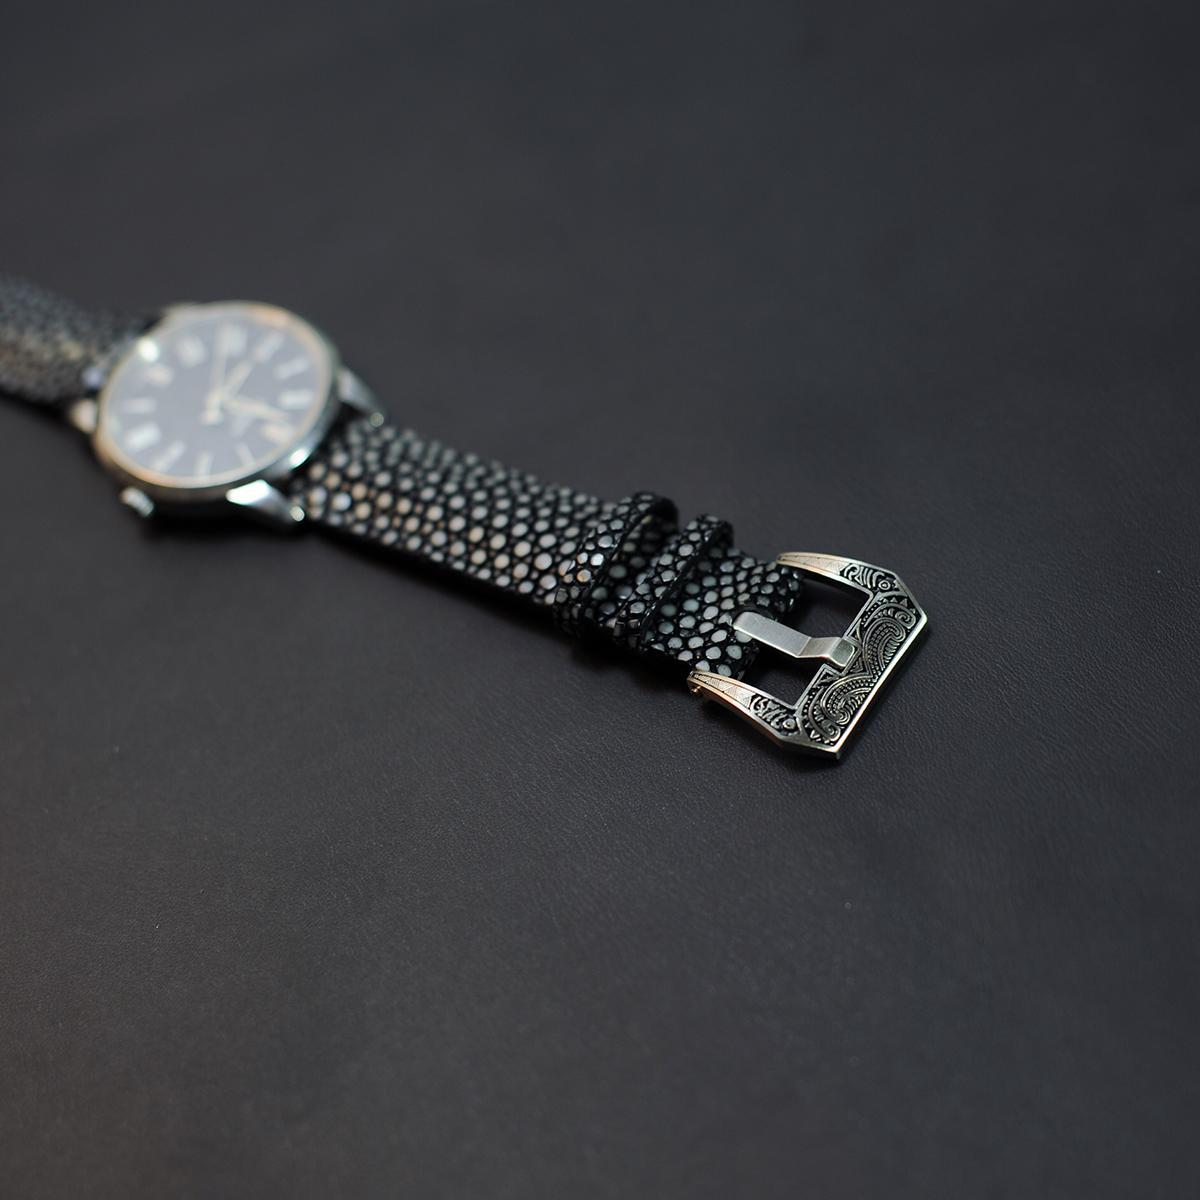 Dây đồng hồ da Cá Đuối - Đồ da handmade - Dây đồng hồ Mino Crafts VI475 bán chạy